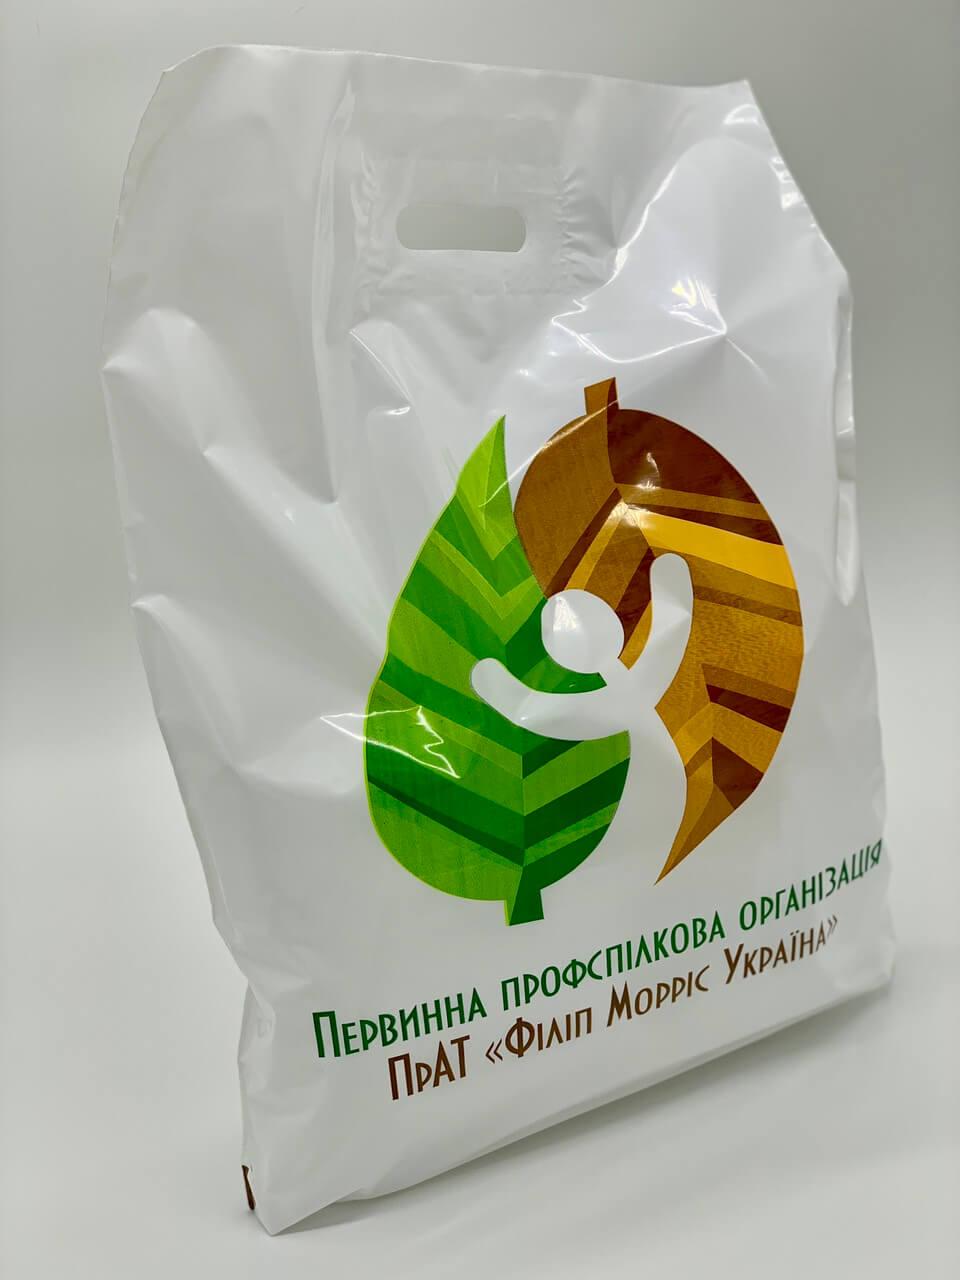 Примеры работ Chernigov Package - Фото 3